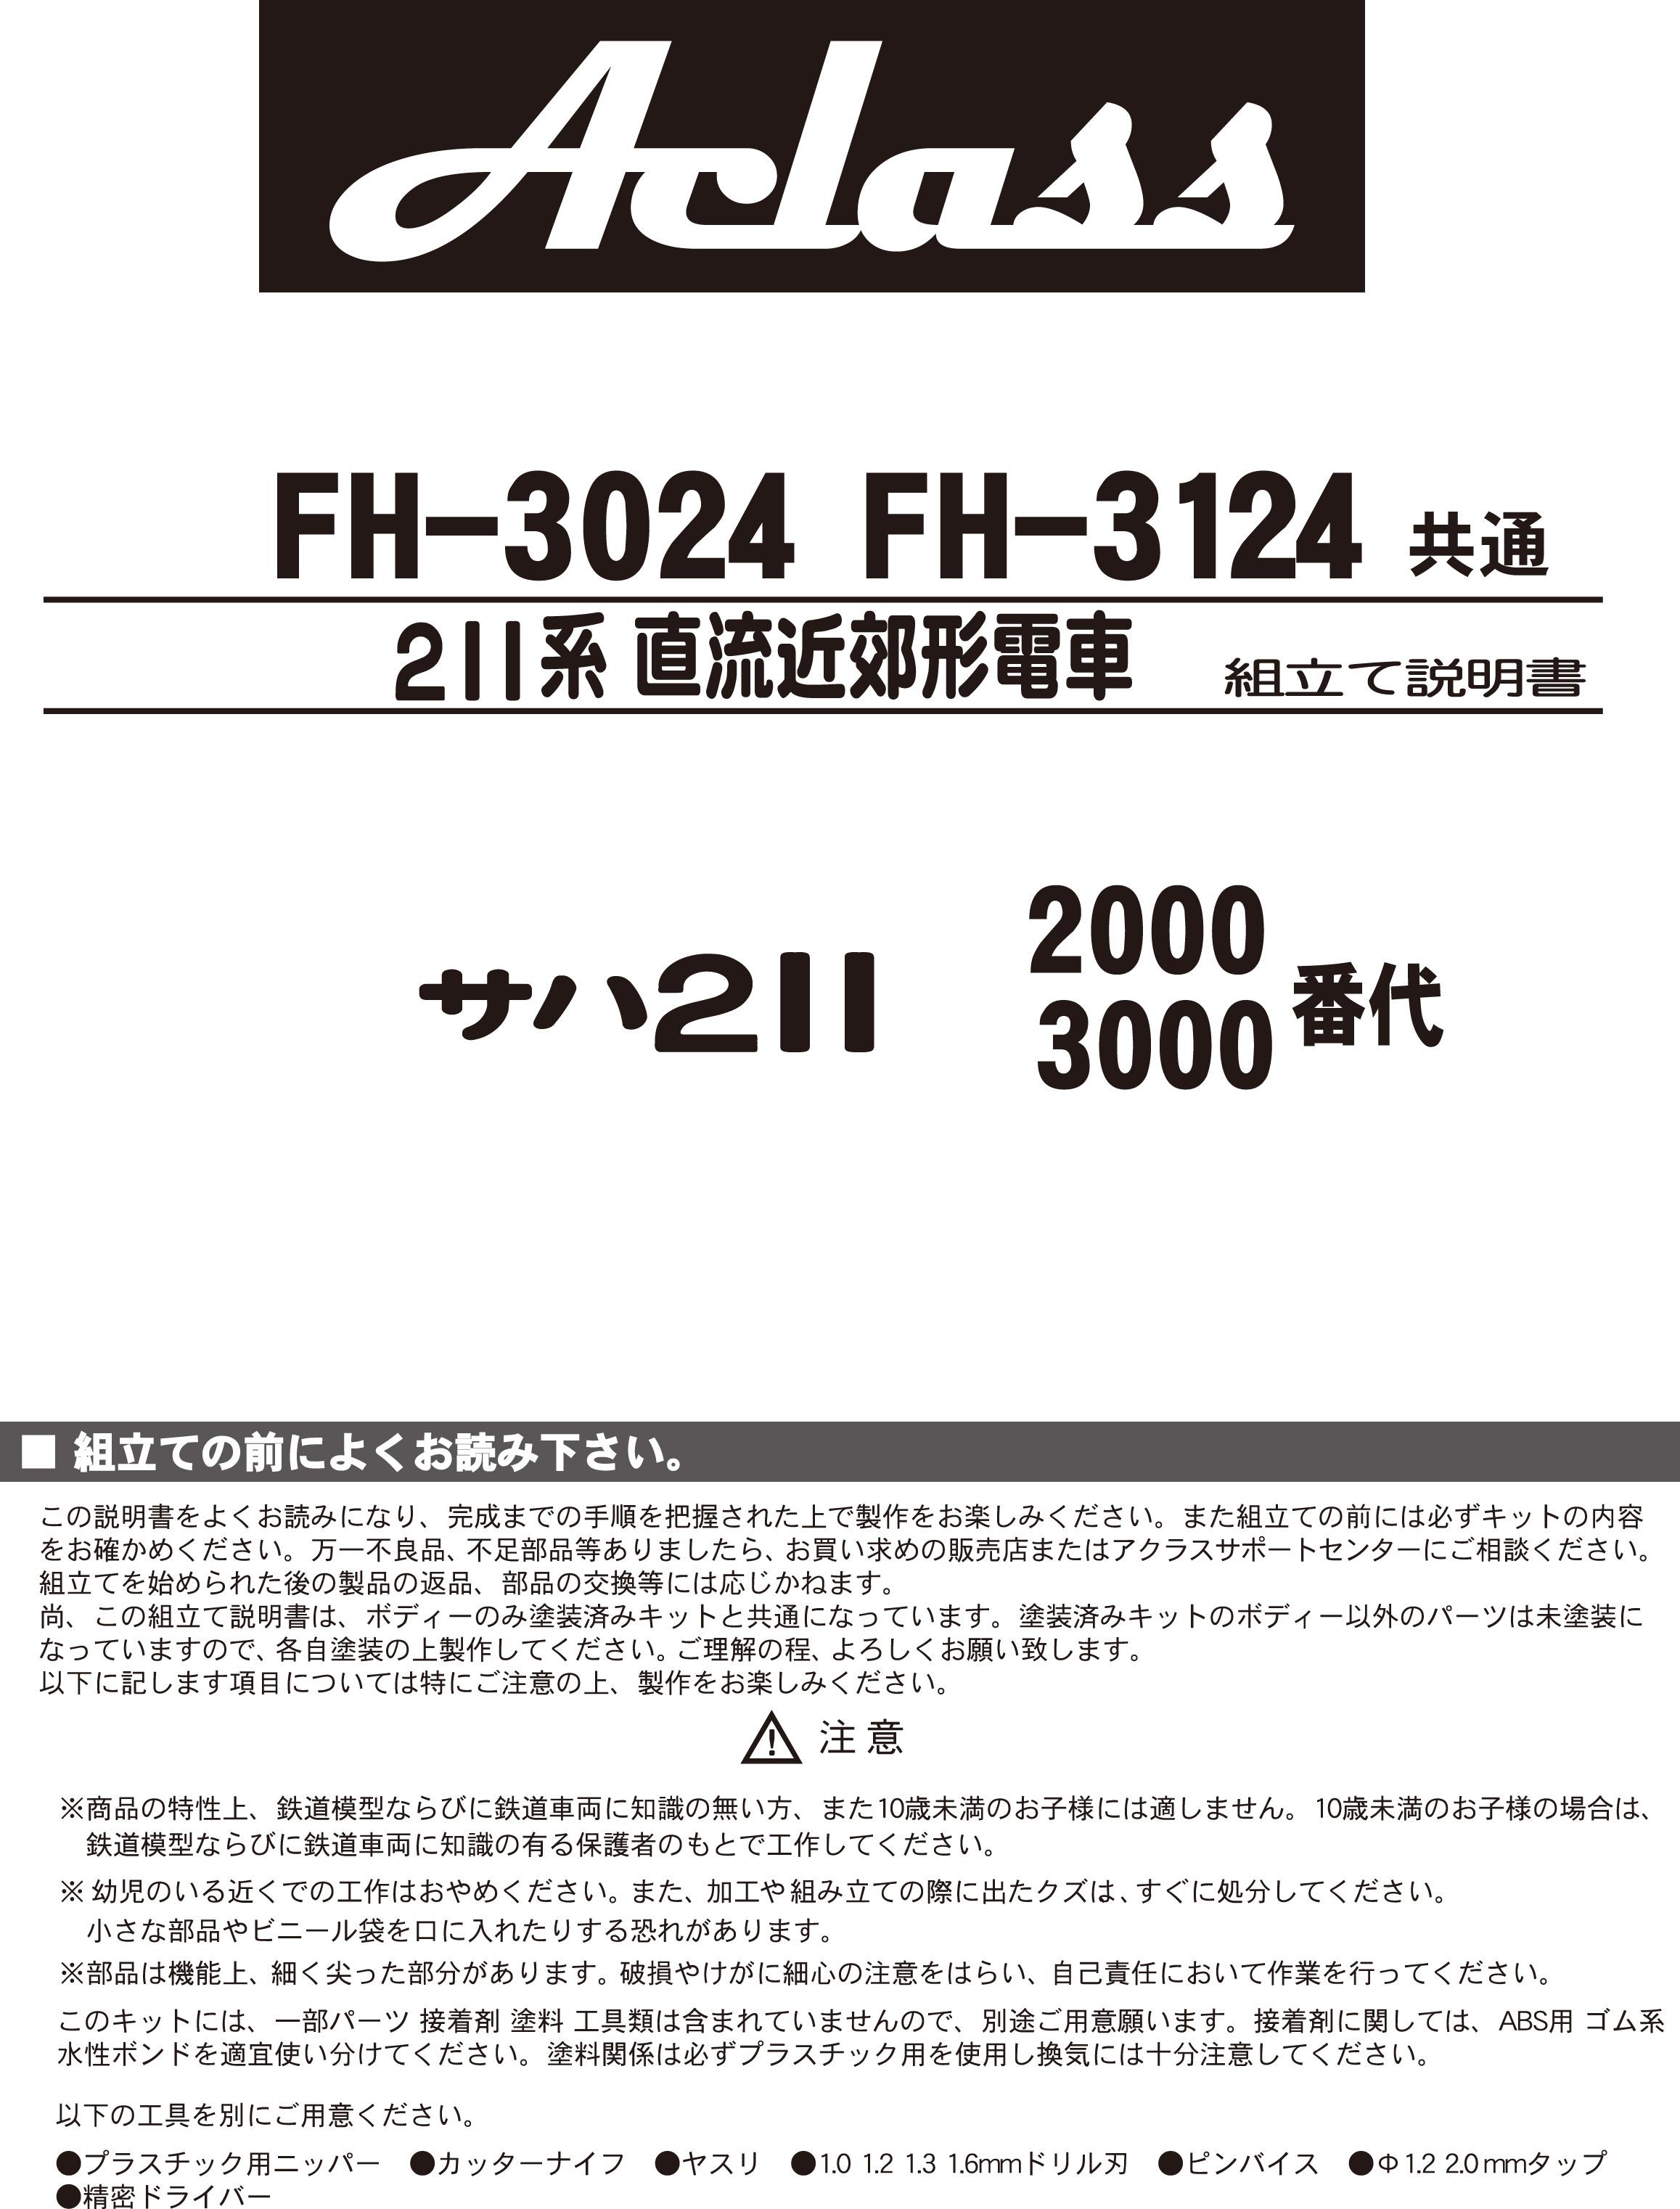 FH-3024,3124/サハ211 2000,3000番代